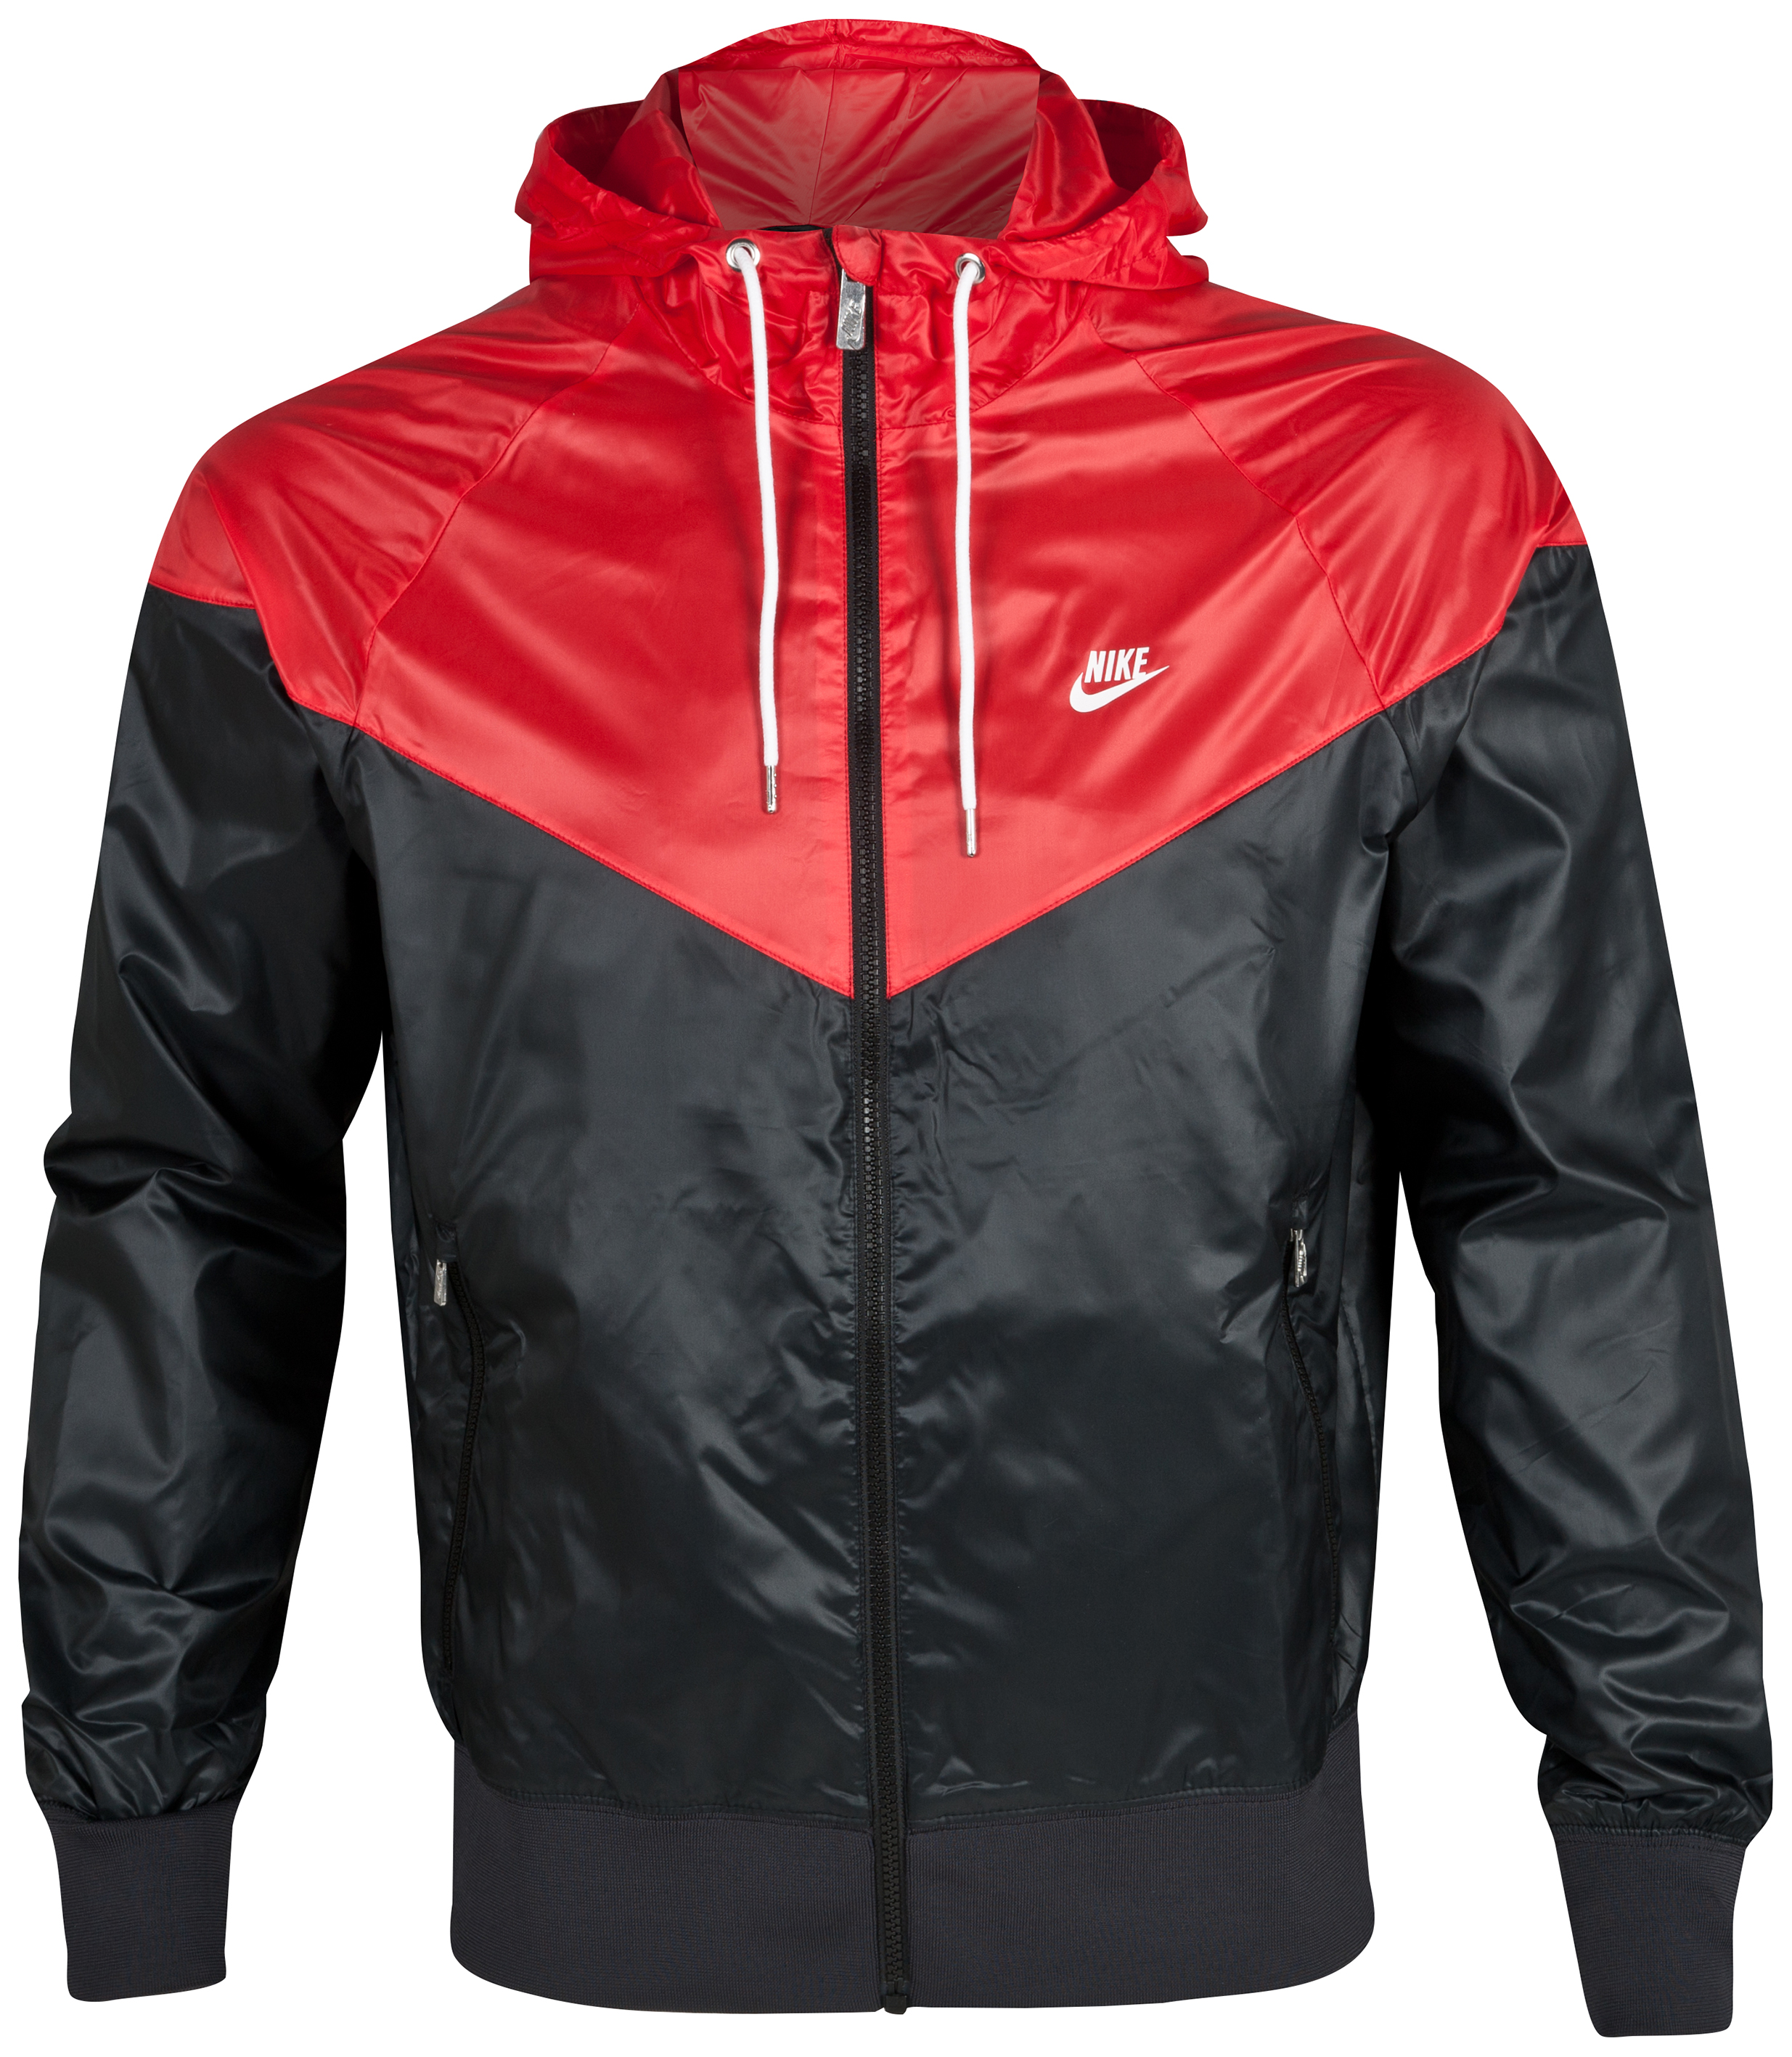 Nike Windrunner Jacket - Black/Gym Red/White